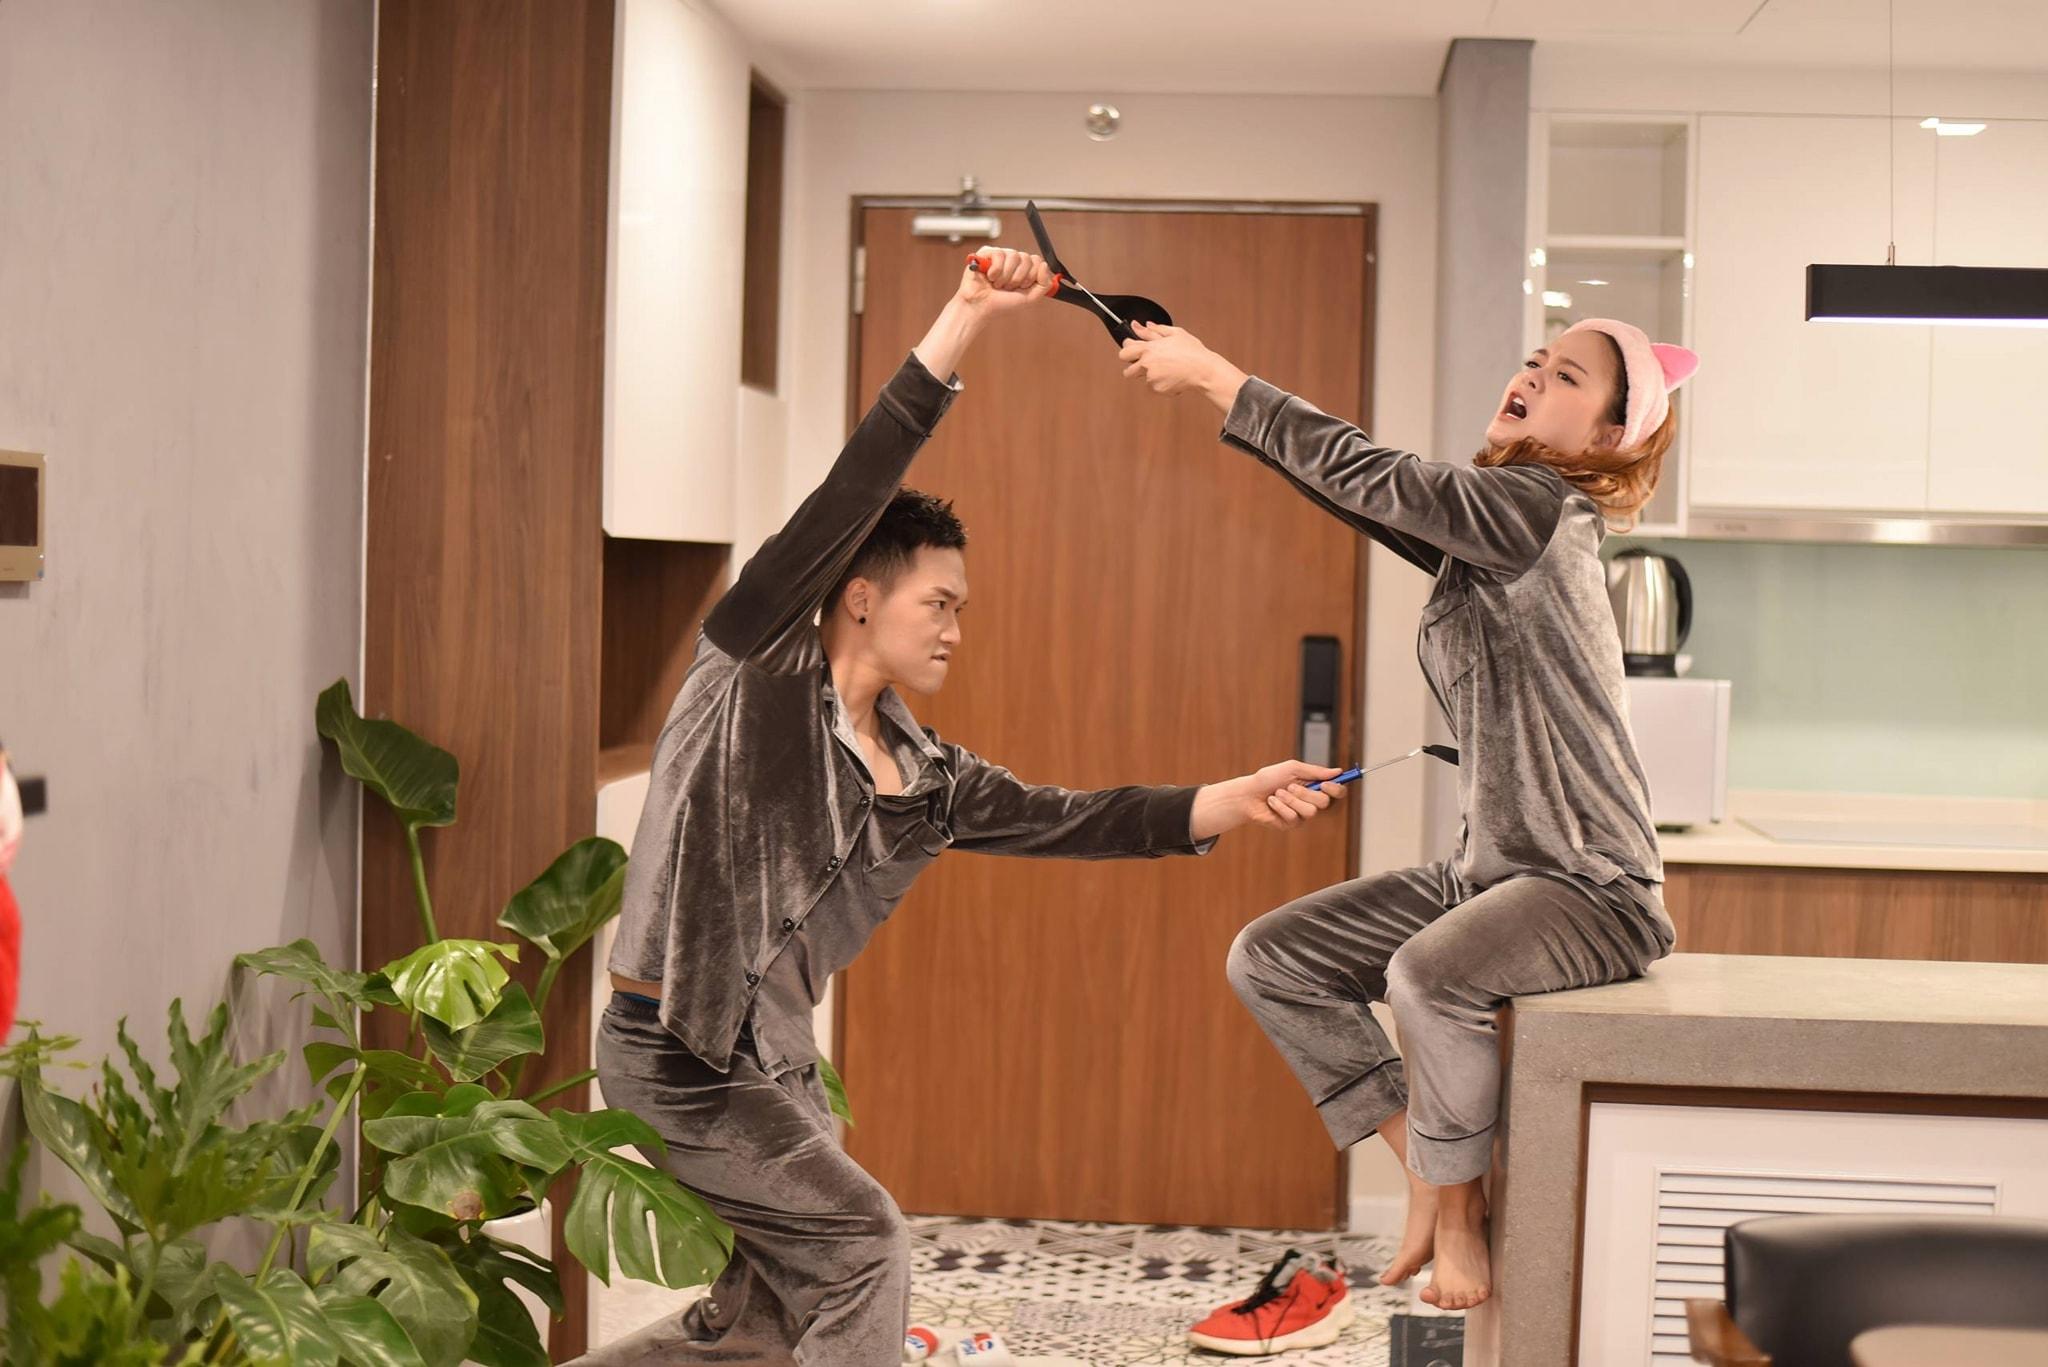 """Cộng đồng mạng phát sốt với """"Gia đình Thủng Long"""" - cặp vợ chồng trẻ có cuộc sống hài hước nổi đình đám trên MXH TikTok - Ảnh 2."""